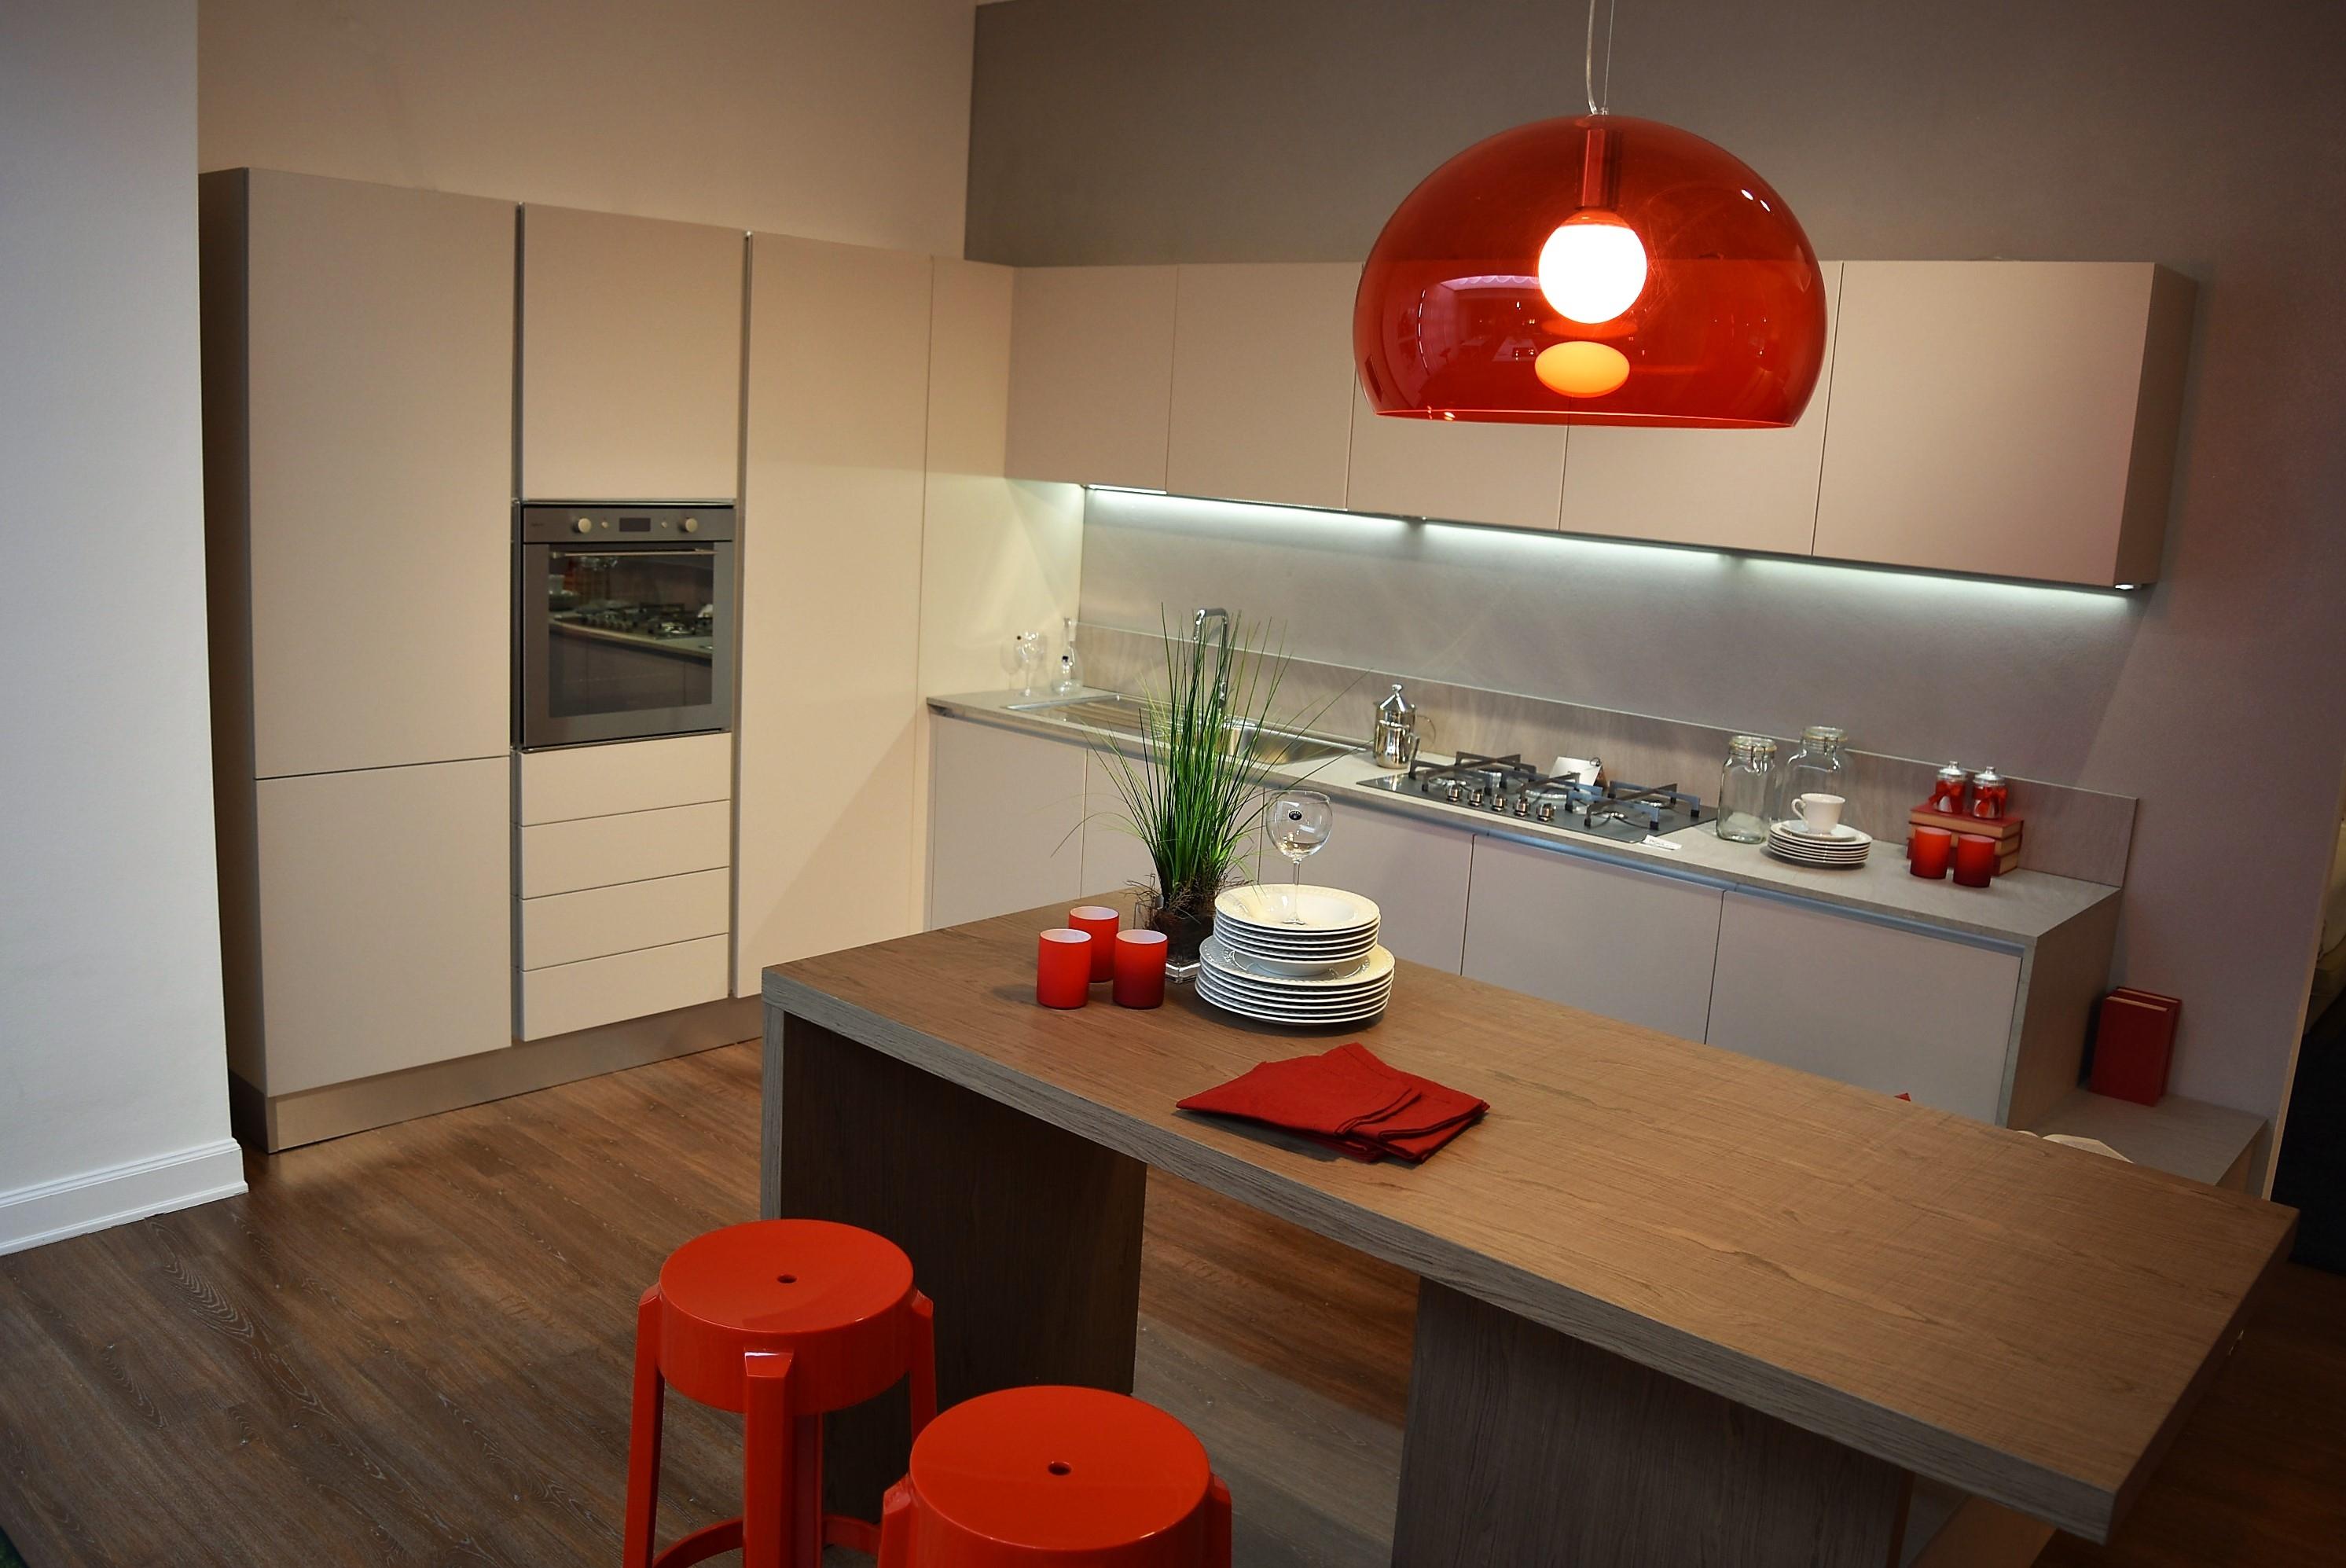 Cucina forma 2000 blues moderno polimerico opaco tortora cucine a prezzi scontati - Cucine angolari usate ...